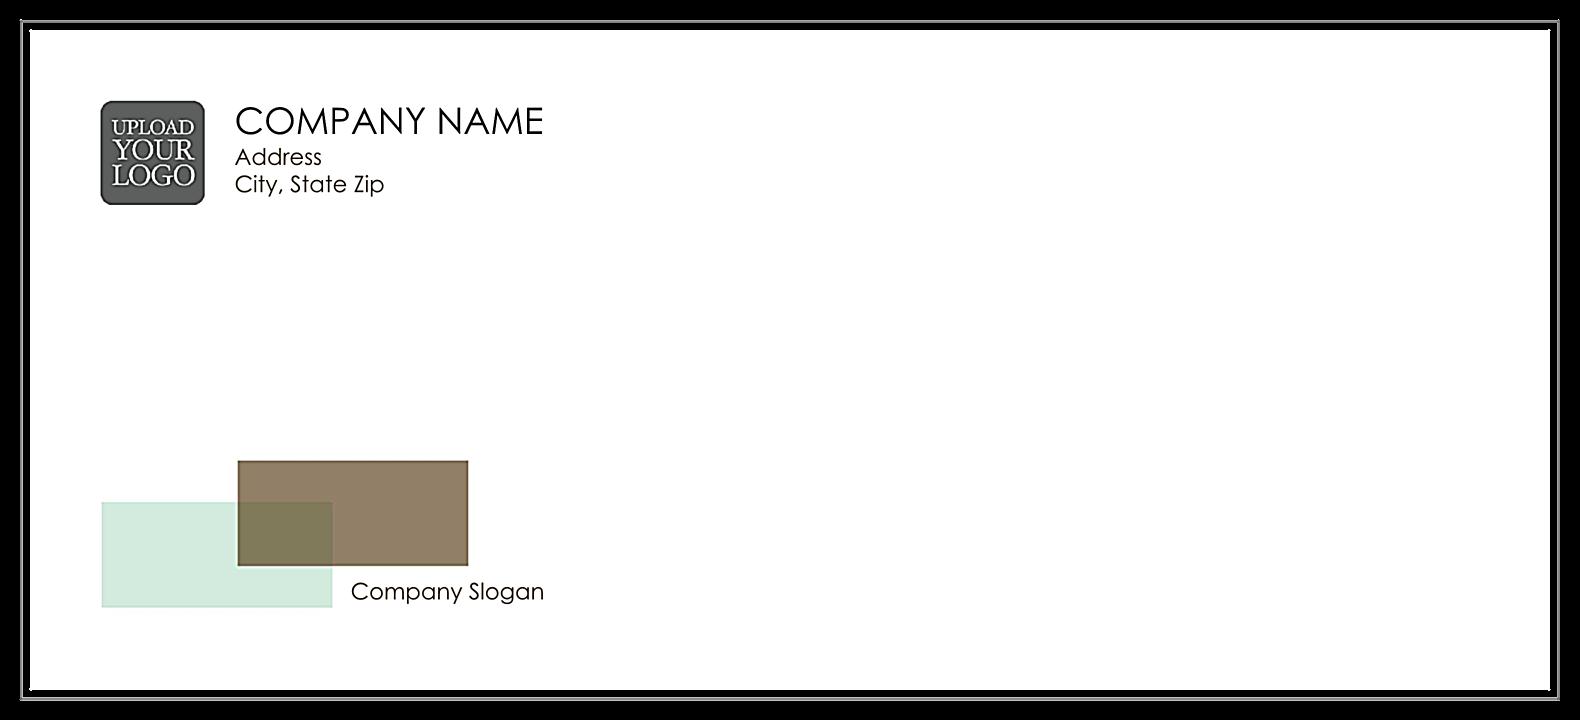 Overlap Rectangles front - Standard Envelopes Maker